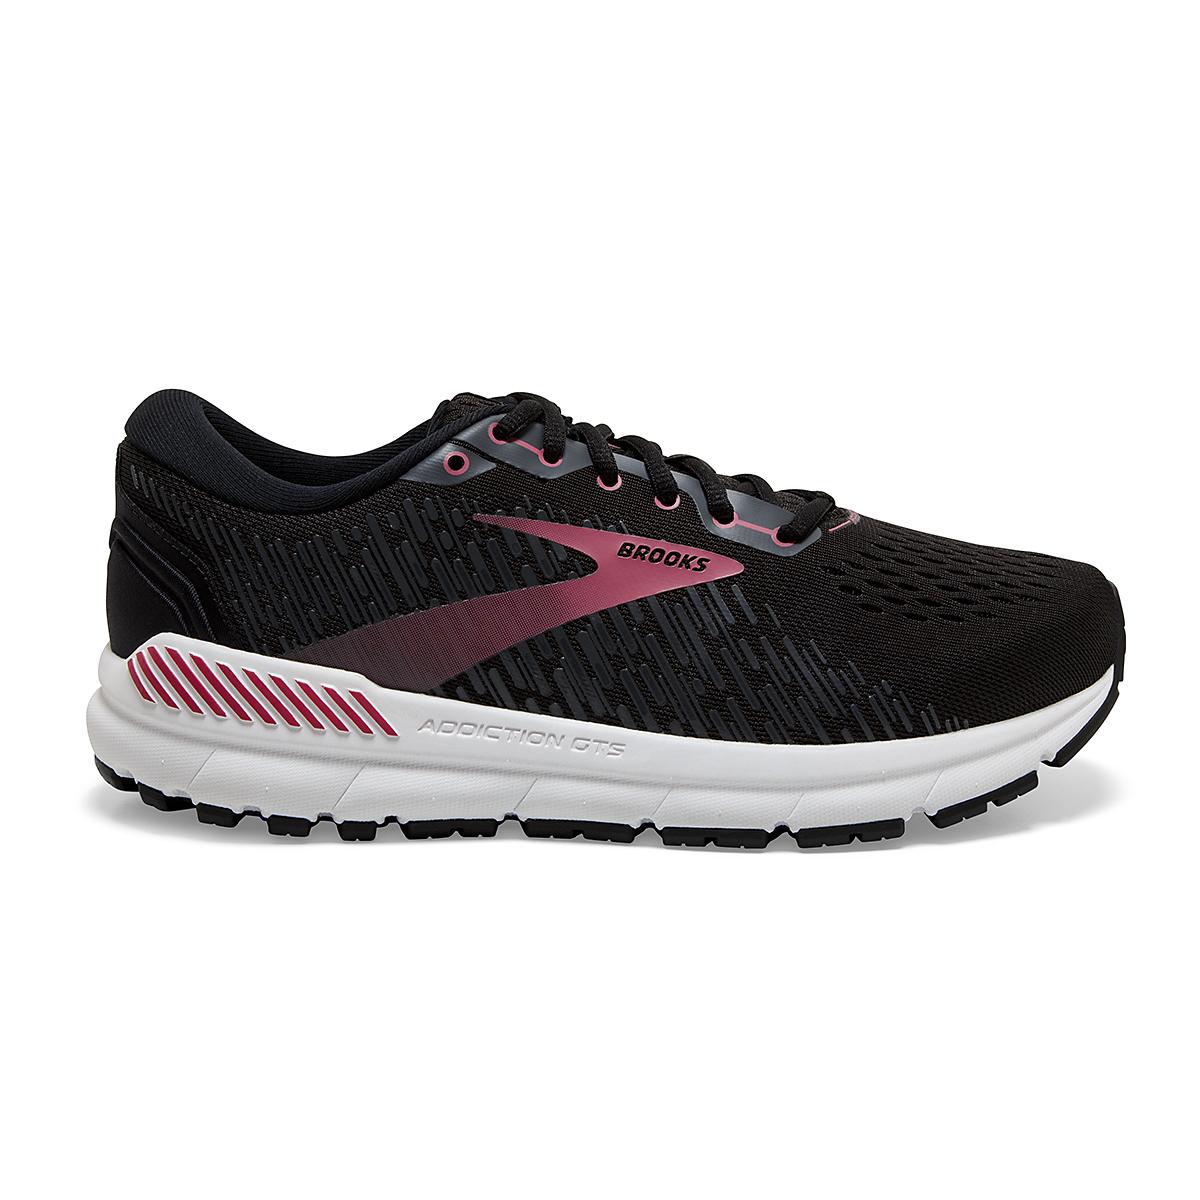 Women's Brooks Addiction GTS 15 Running Shoe - Color: Black/Ebony/Mauvewood - Size: 5 - Width: Regular, Black/Ebony/Mauvewood, large, image 1